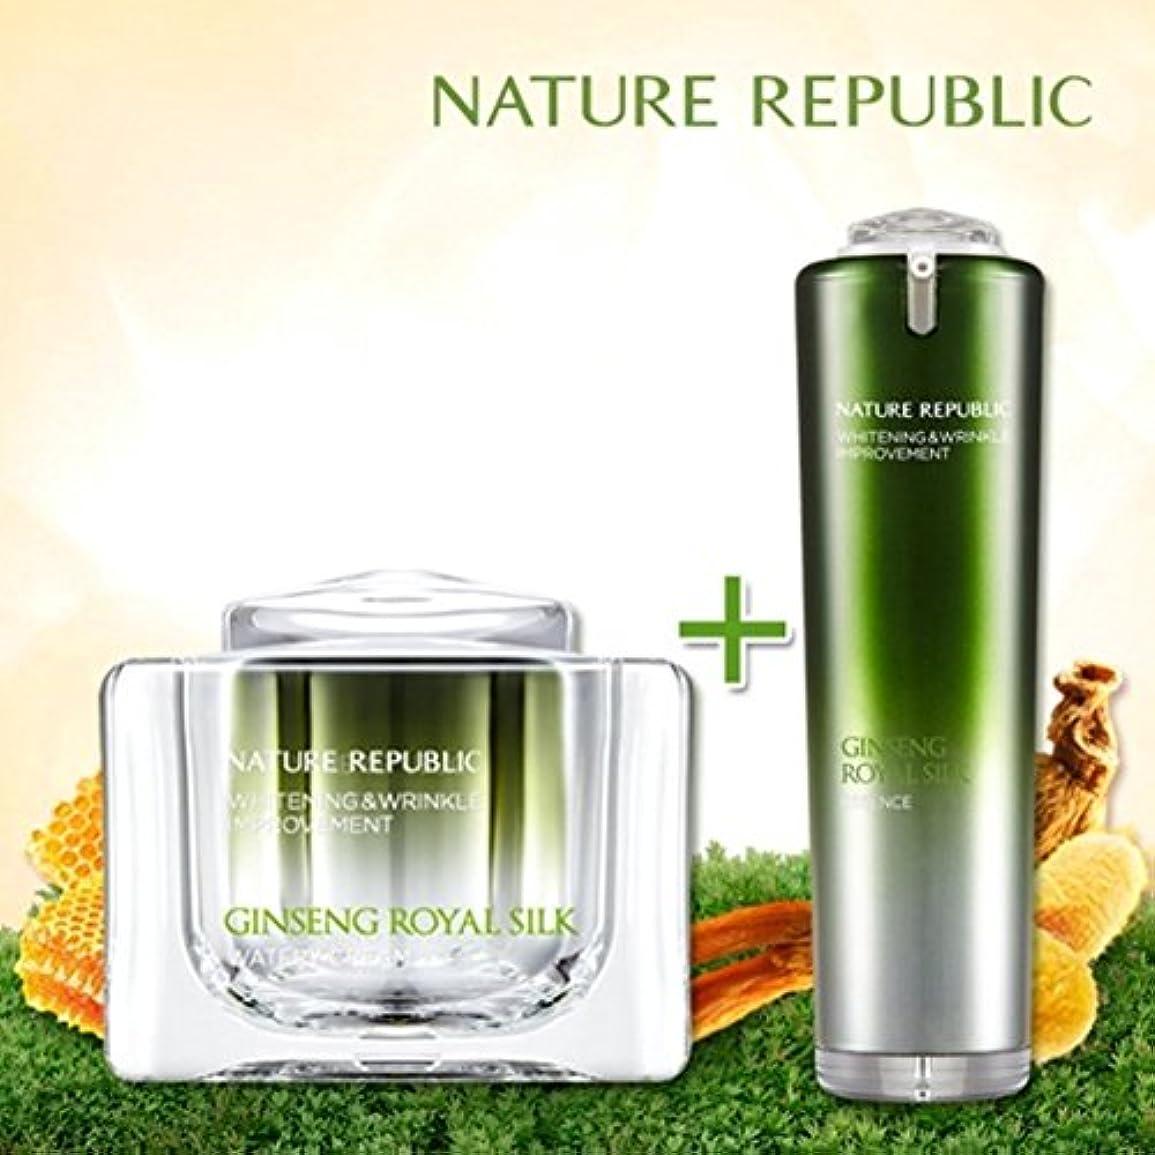 タヒチスカープ画面NATURE REPUBLIC/高麗人参ロイヤルシルクウォーターリークリーム+エッセンス Nature Republic、Ginseng Royal silk Watery Cream+Essence(海外直送品)